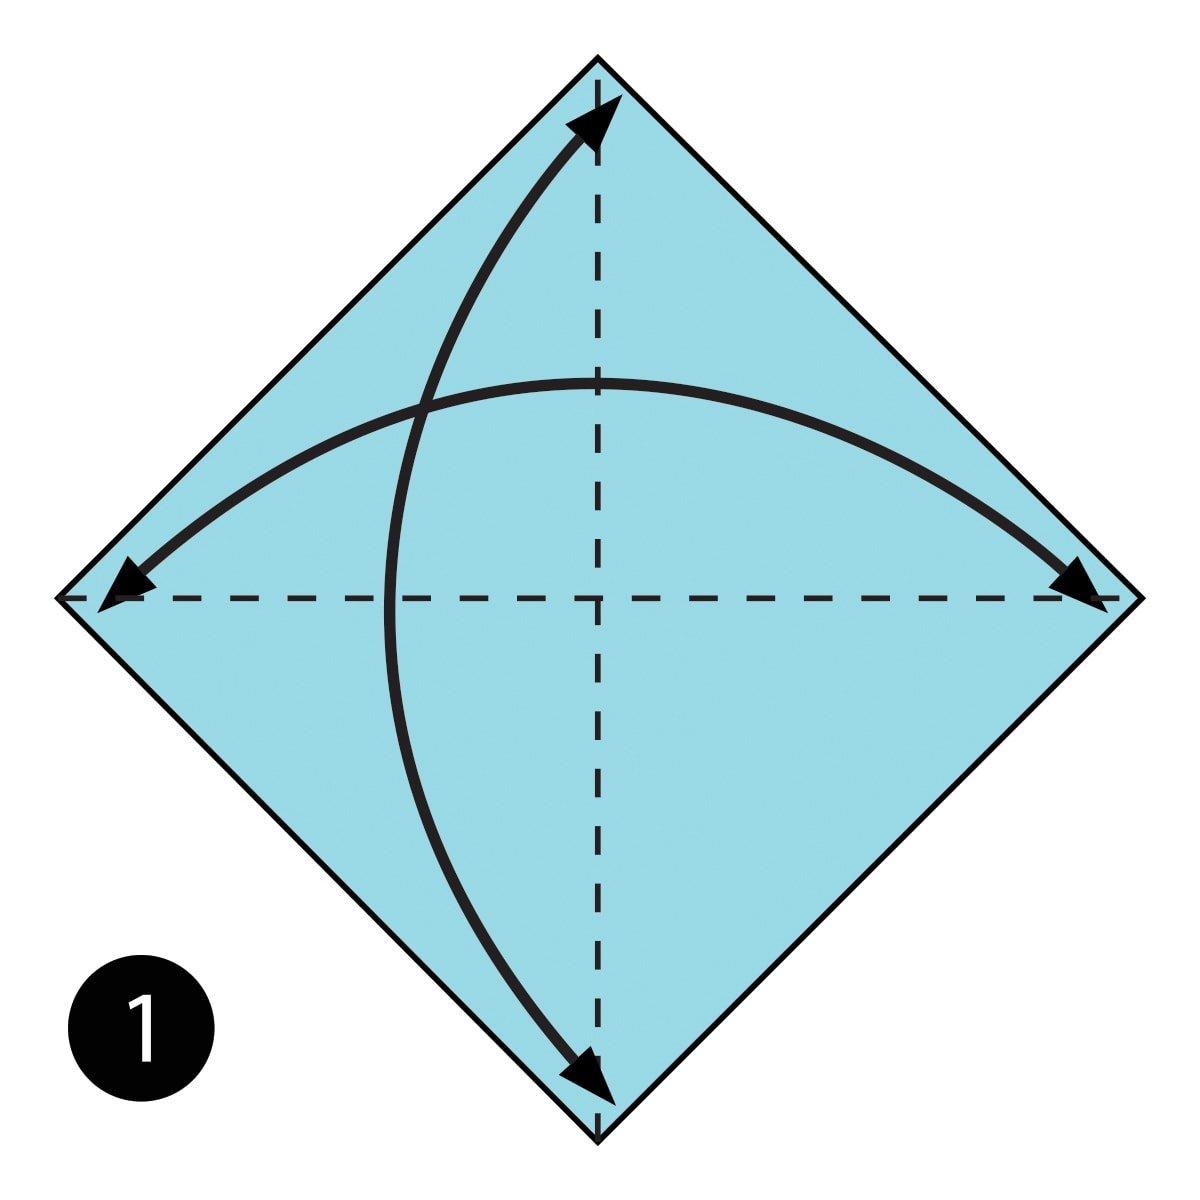 Blowfish Step 1